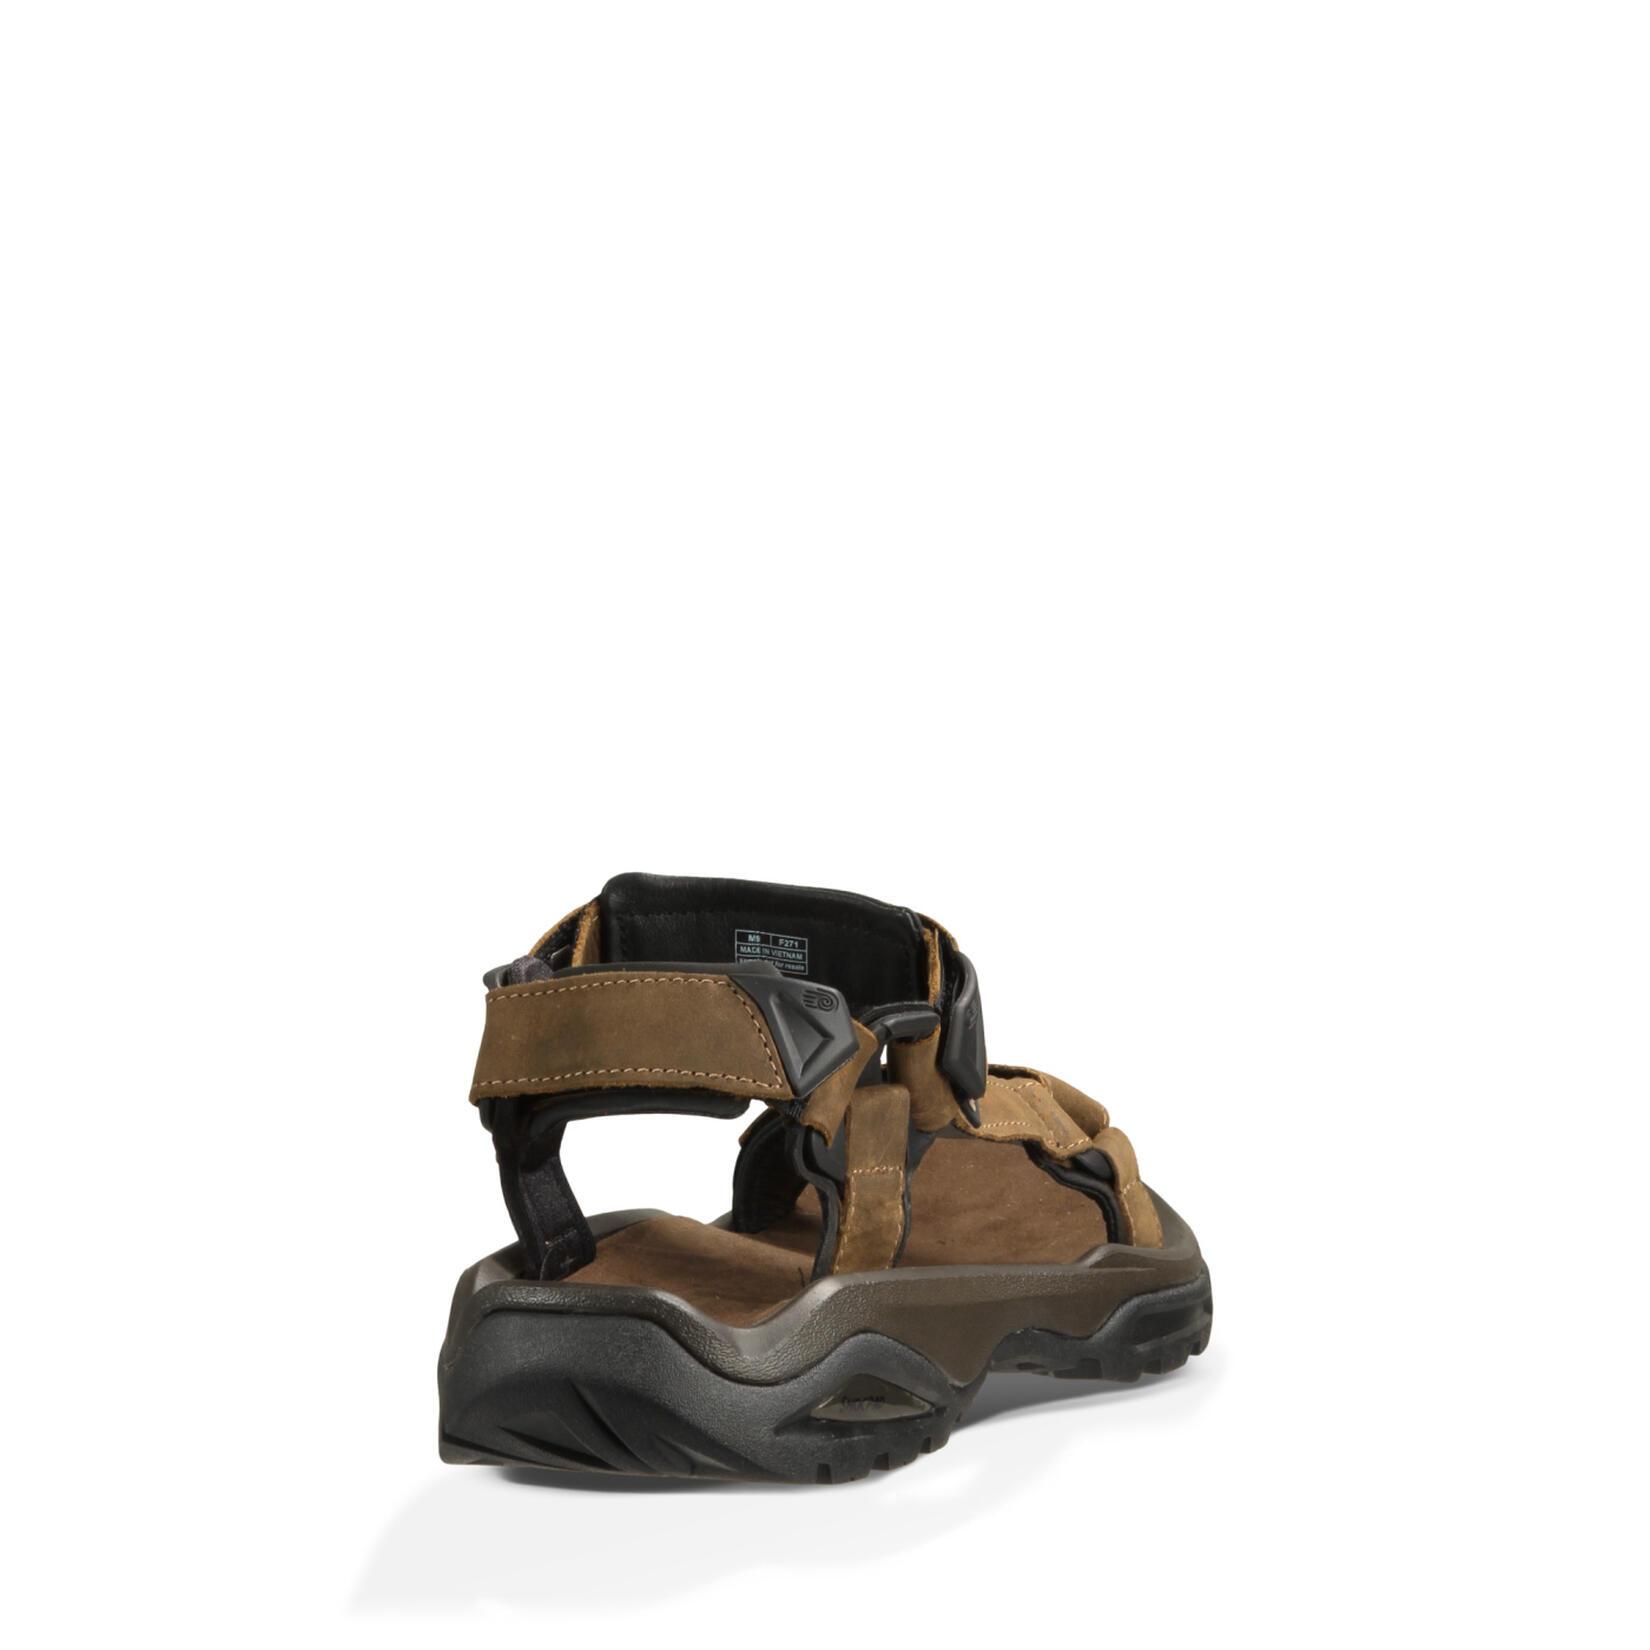 Terra Fi 4 Leather